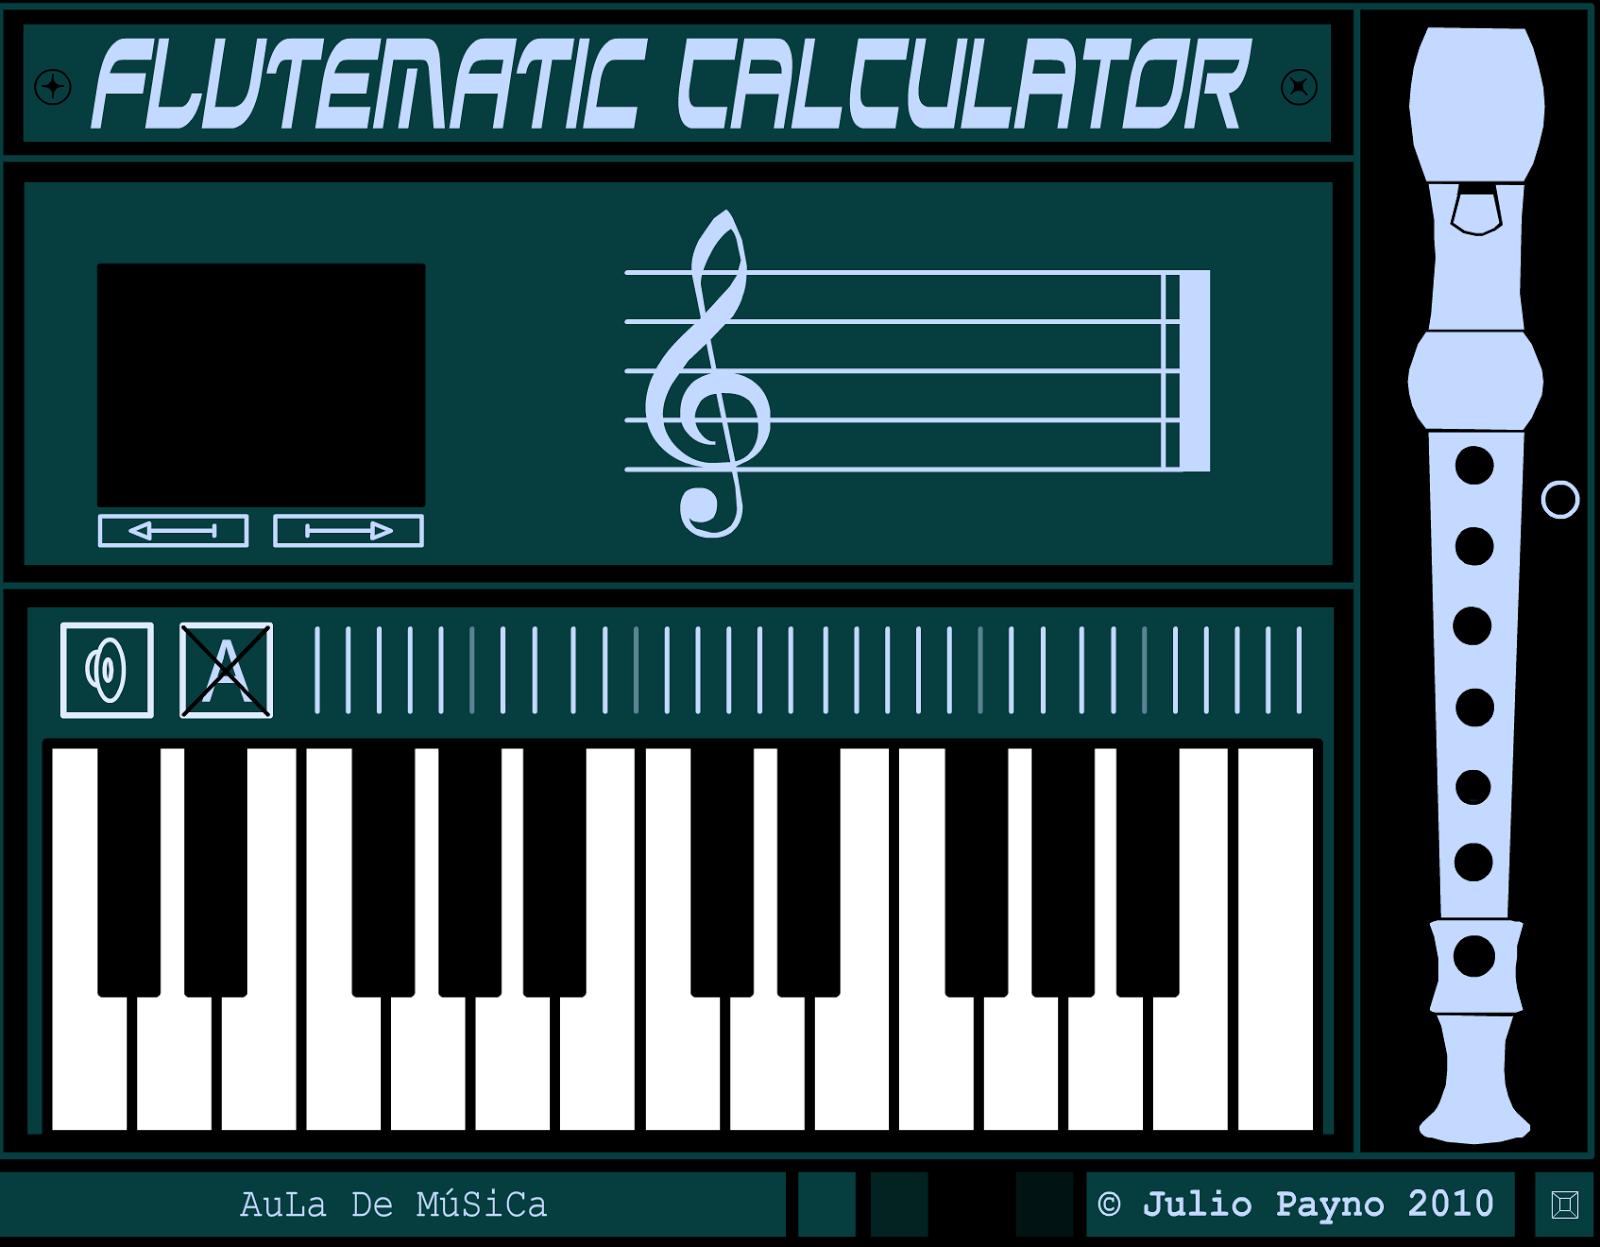 Flutematic Calculator